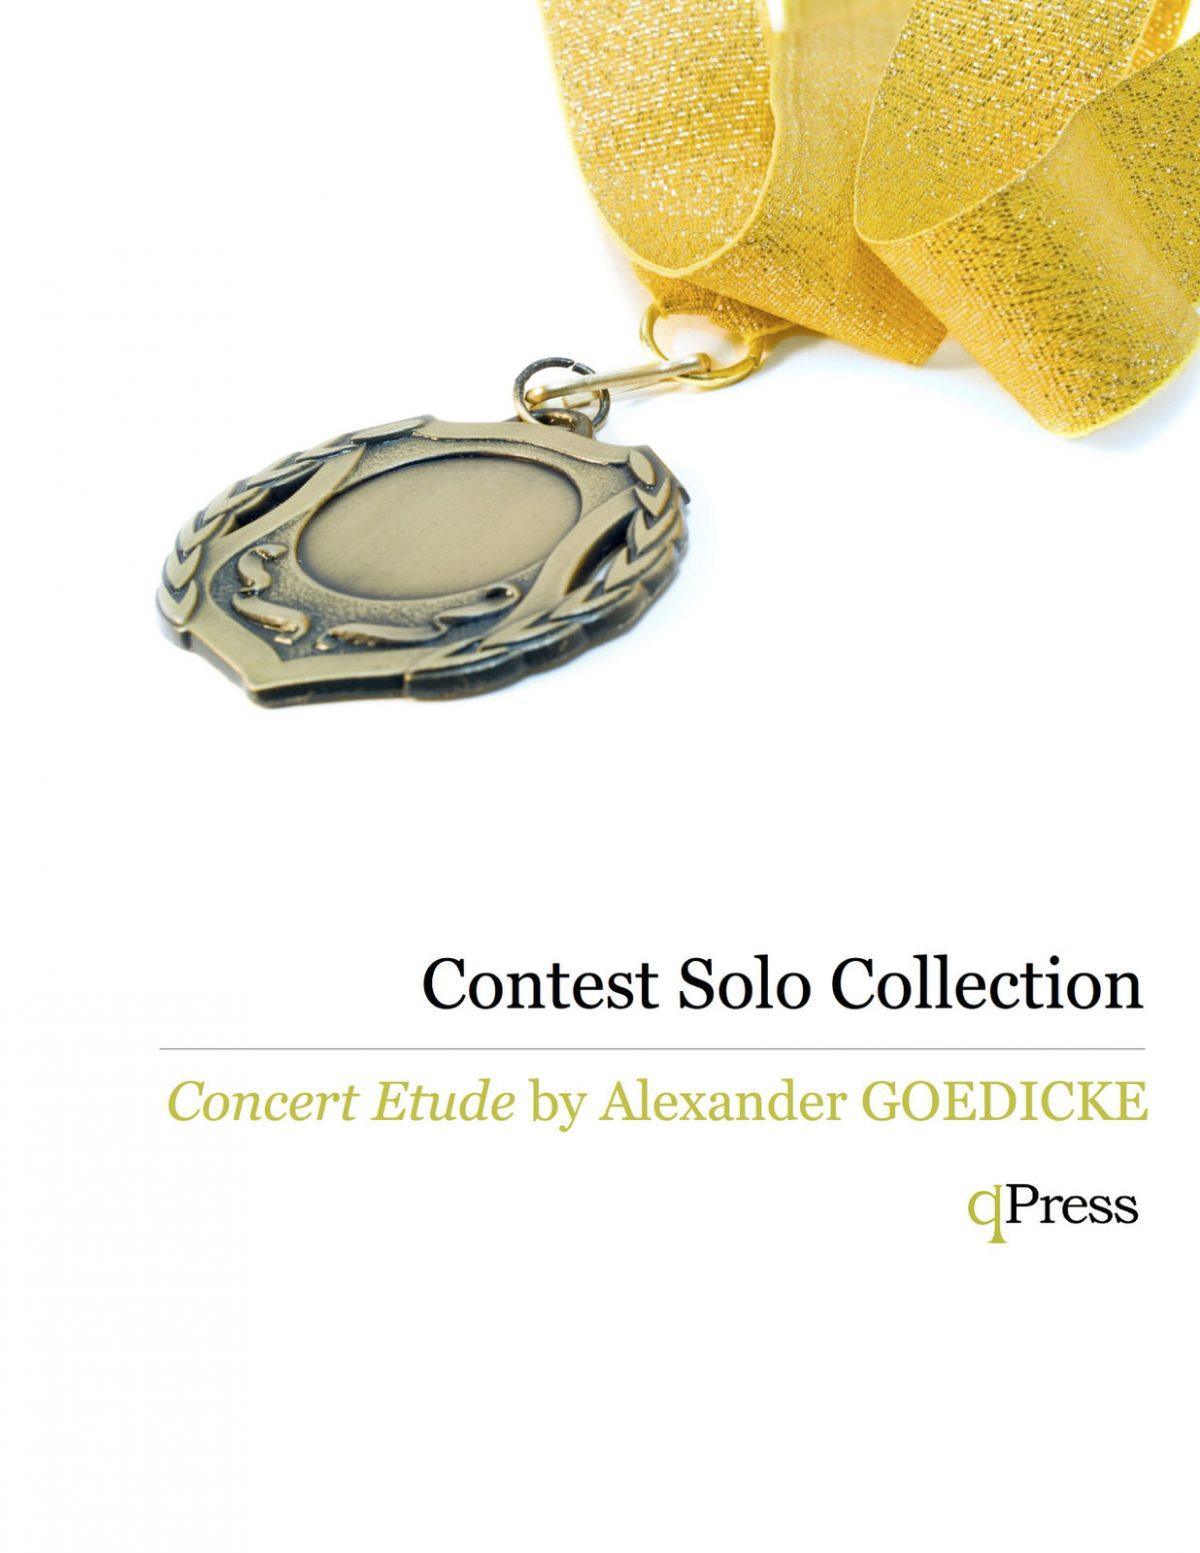 Goedicke, Concert Etude